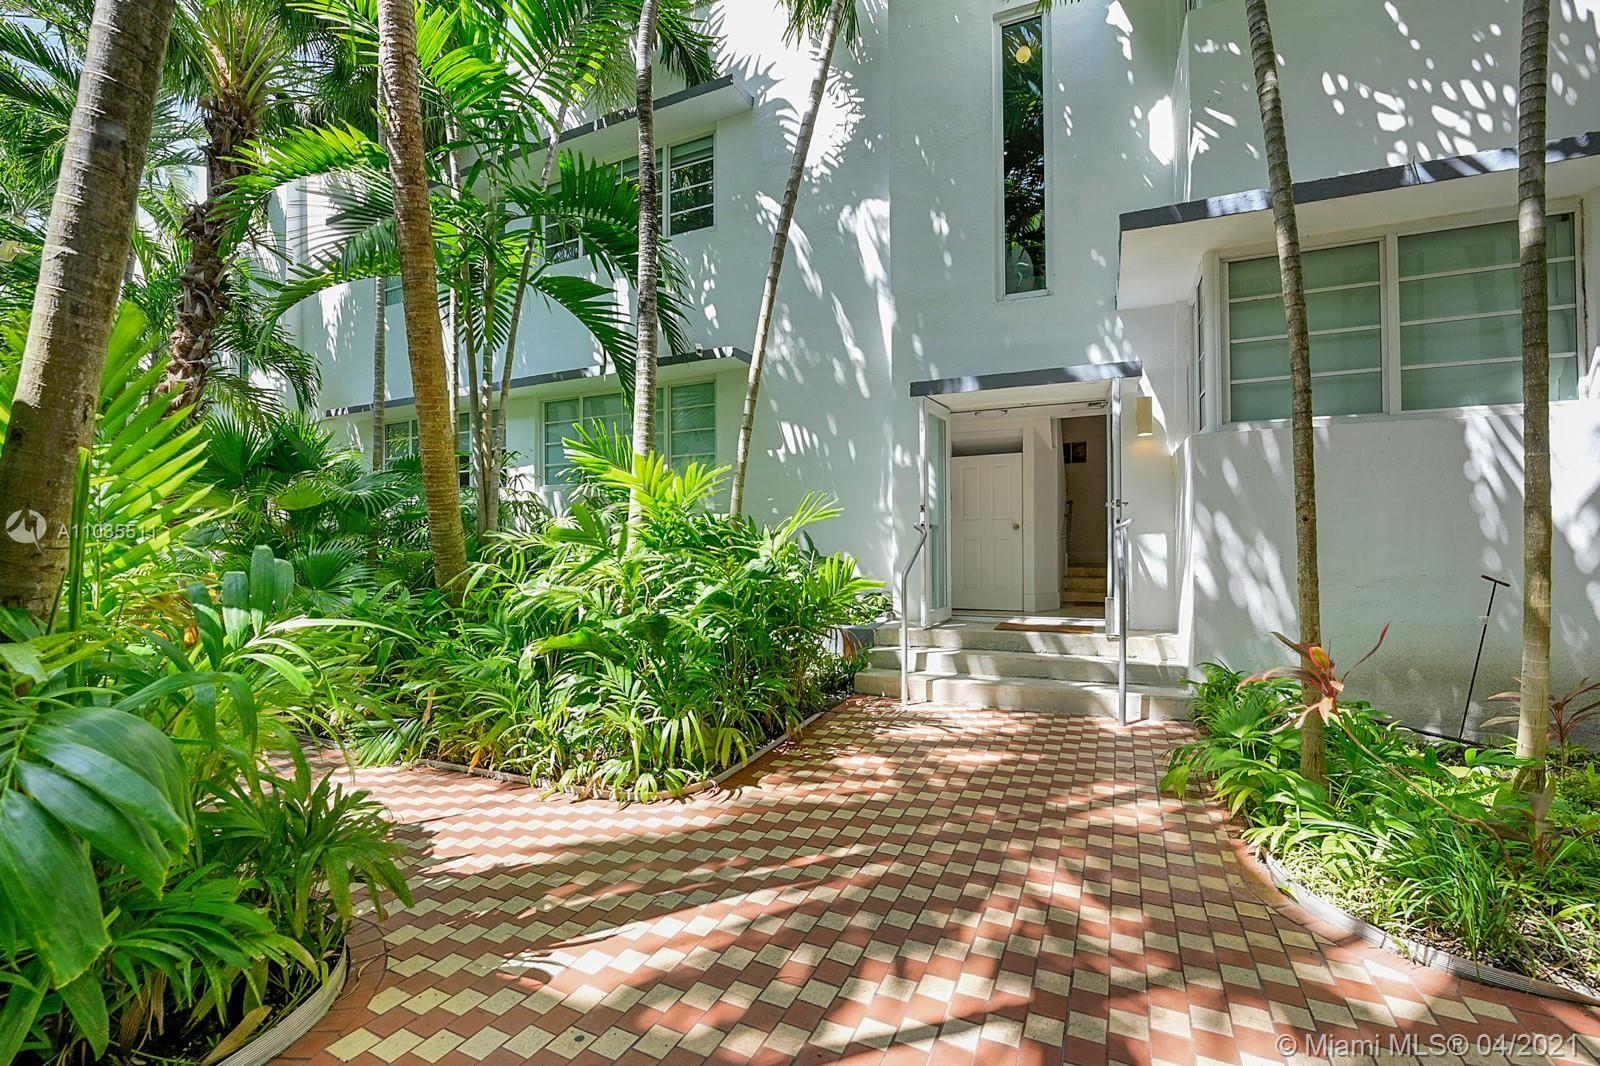 3917 N Meridian Ave #104, Miami Beach, FL 33140 - #: A11035511